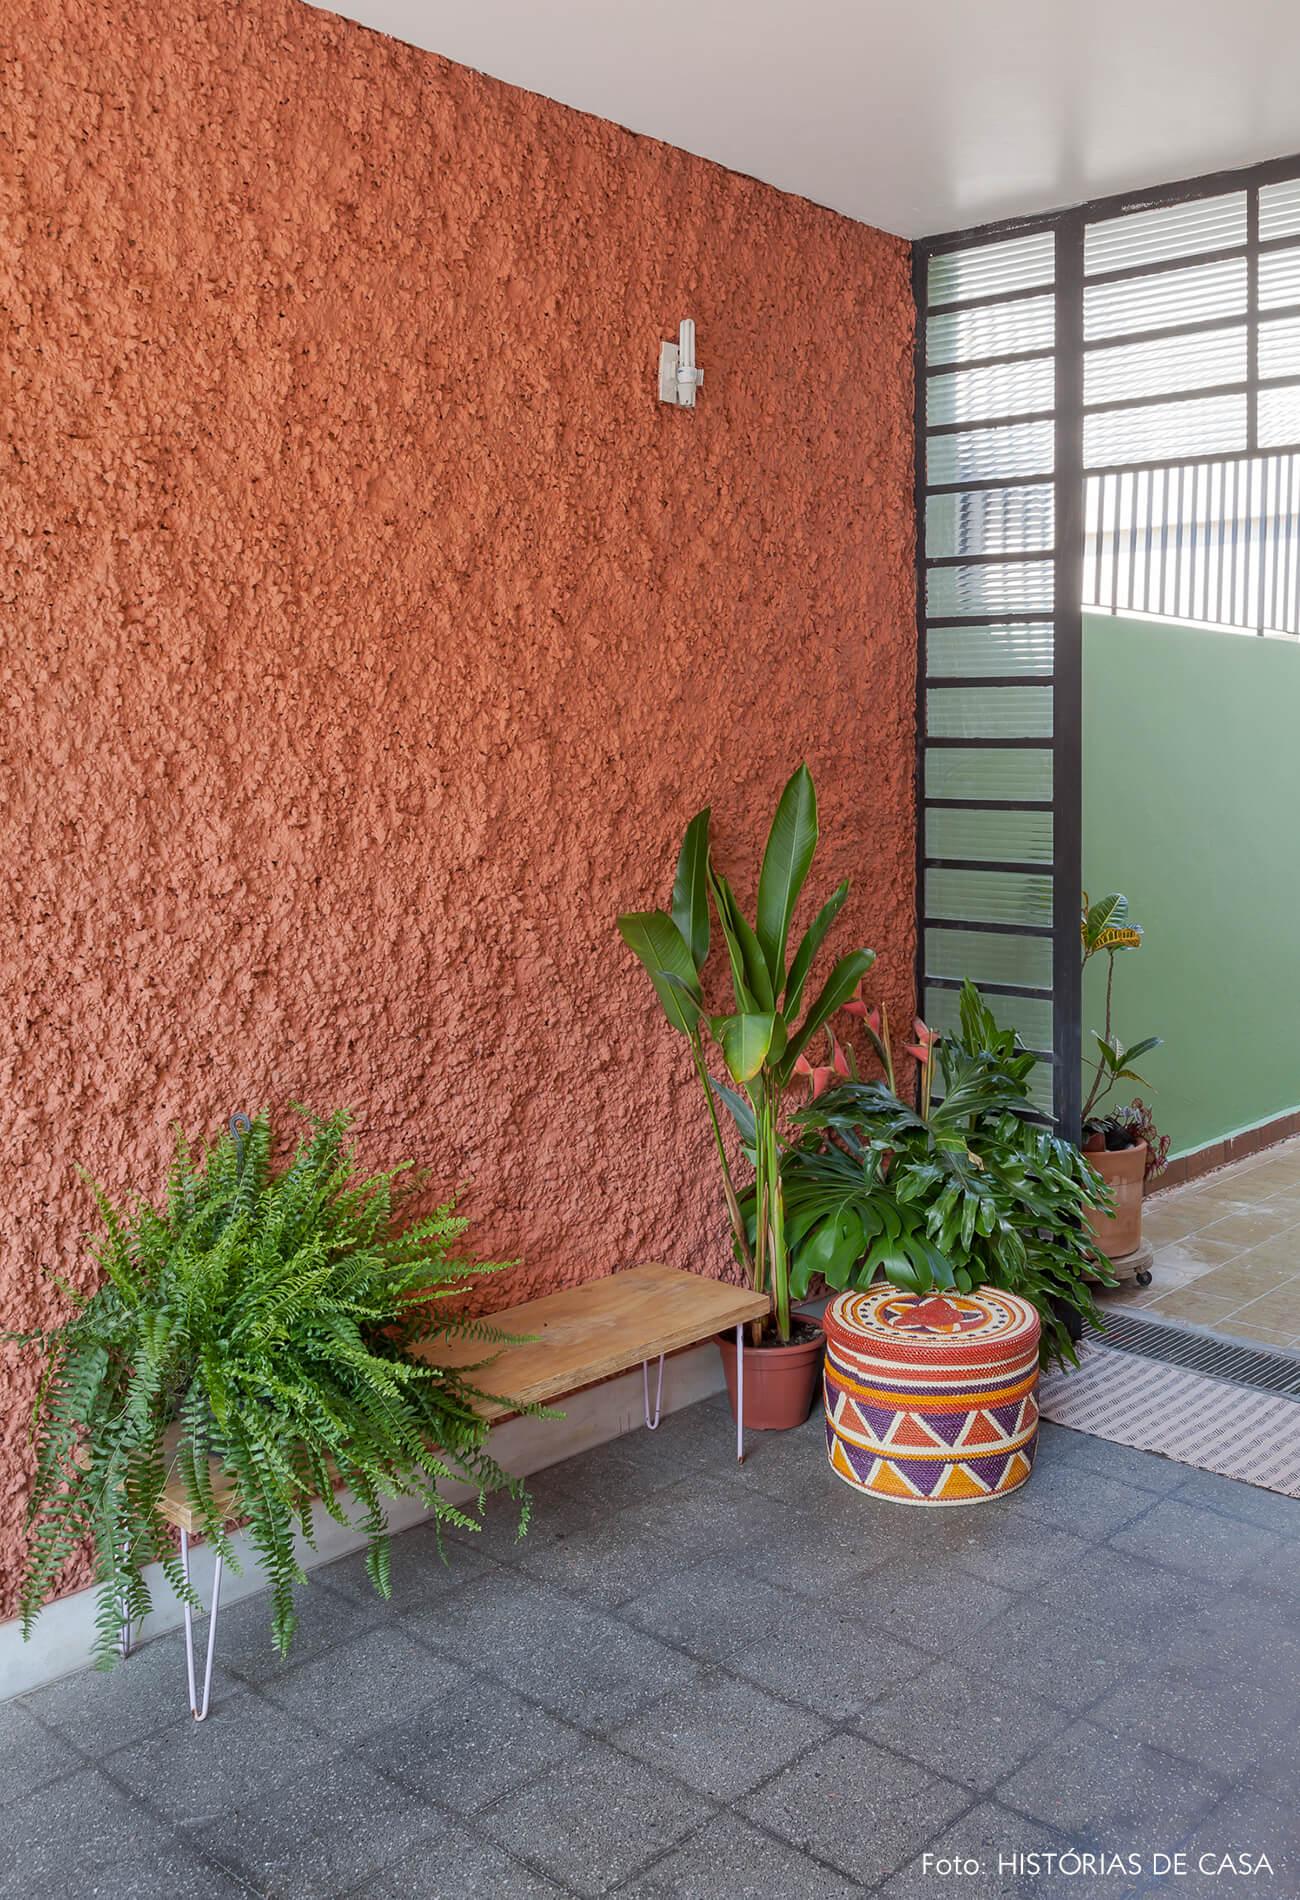 Casa antiga com fachada colorida e painel de madeira